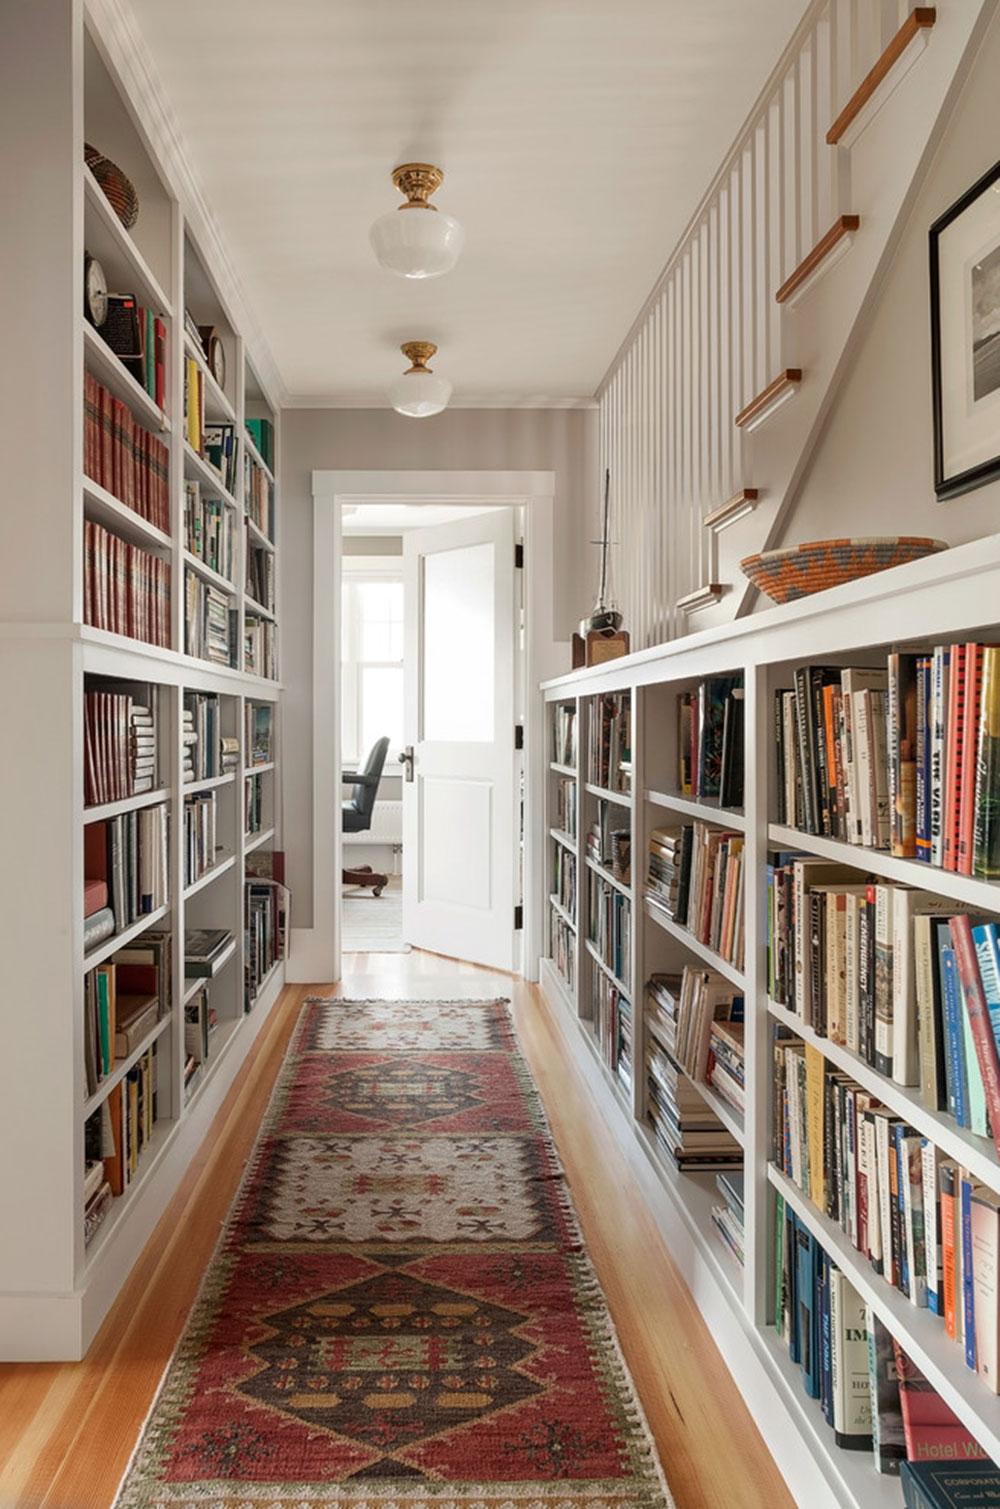 Att skapa ett hembibliotek Design skapar ett avkopplande utrymme12 Att skapa ett hembibliotek Design ger en avkopplande plats